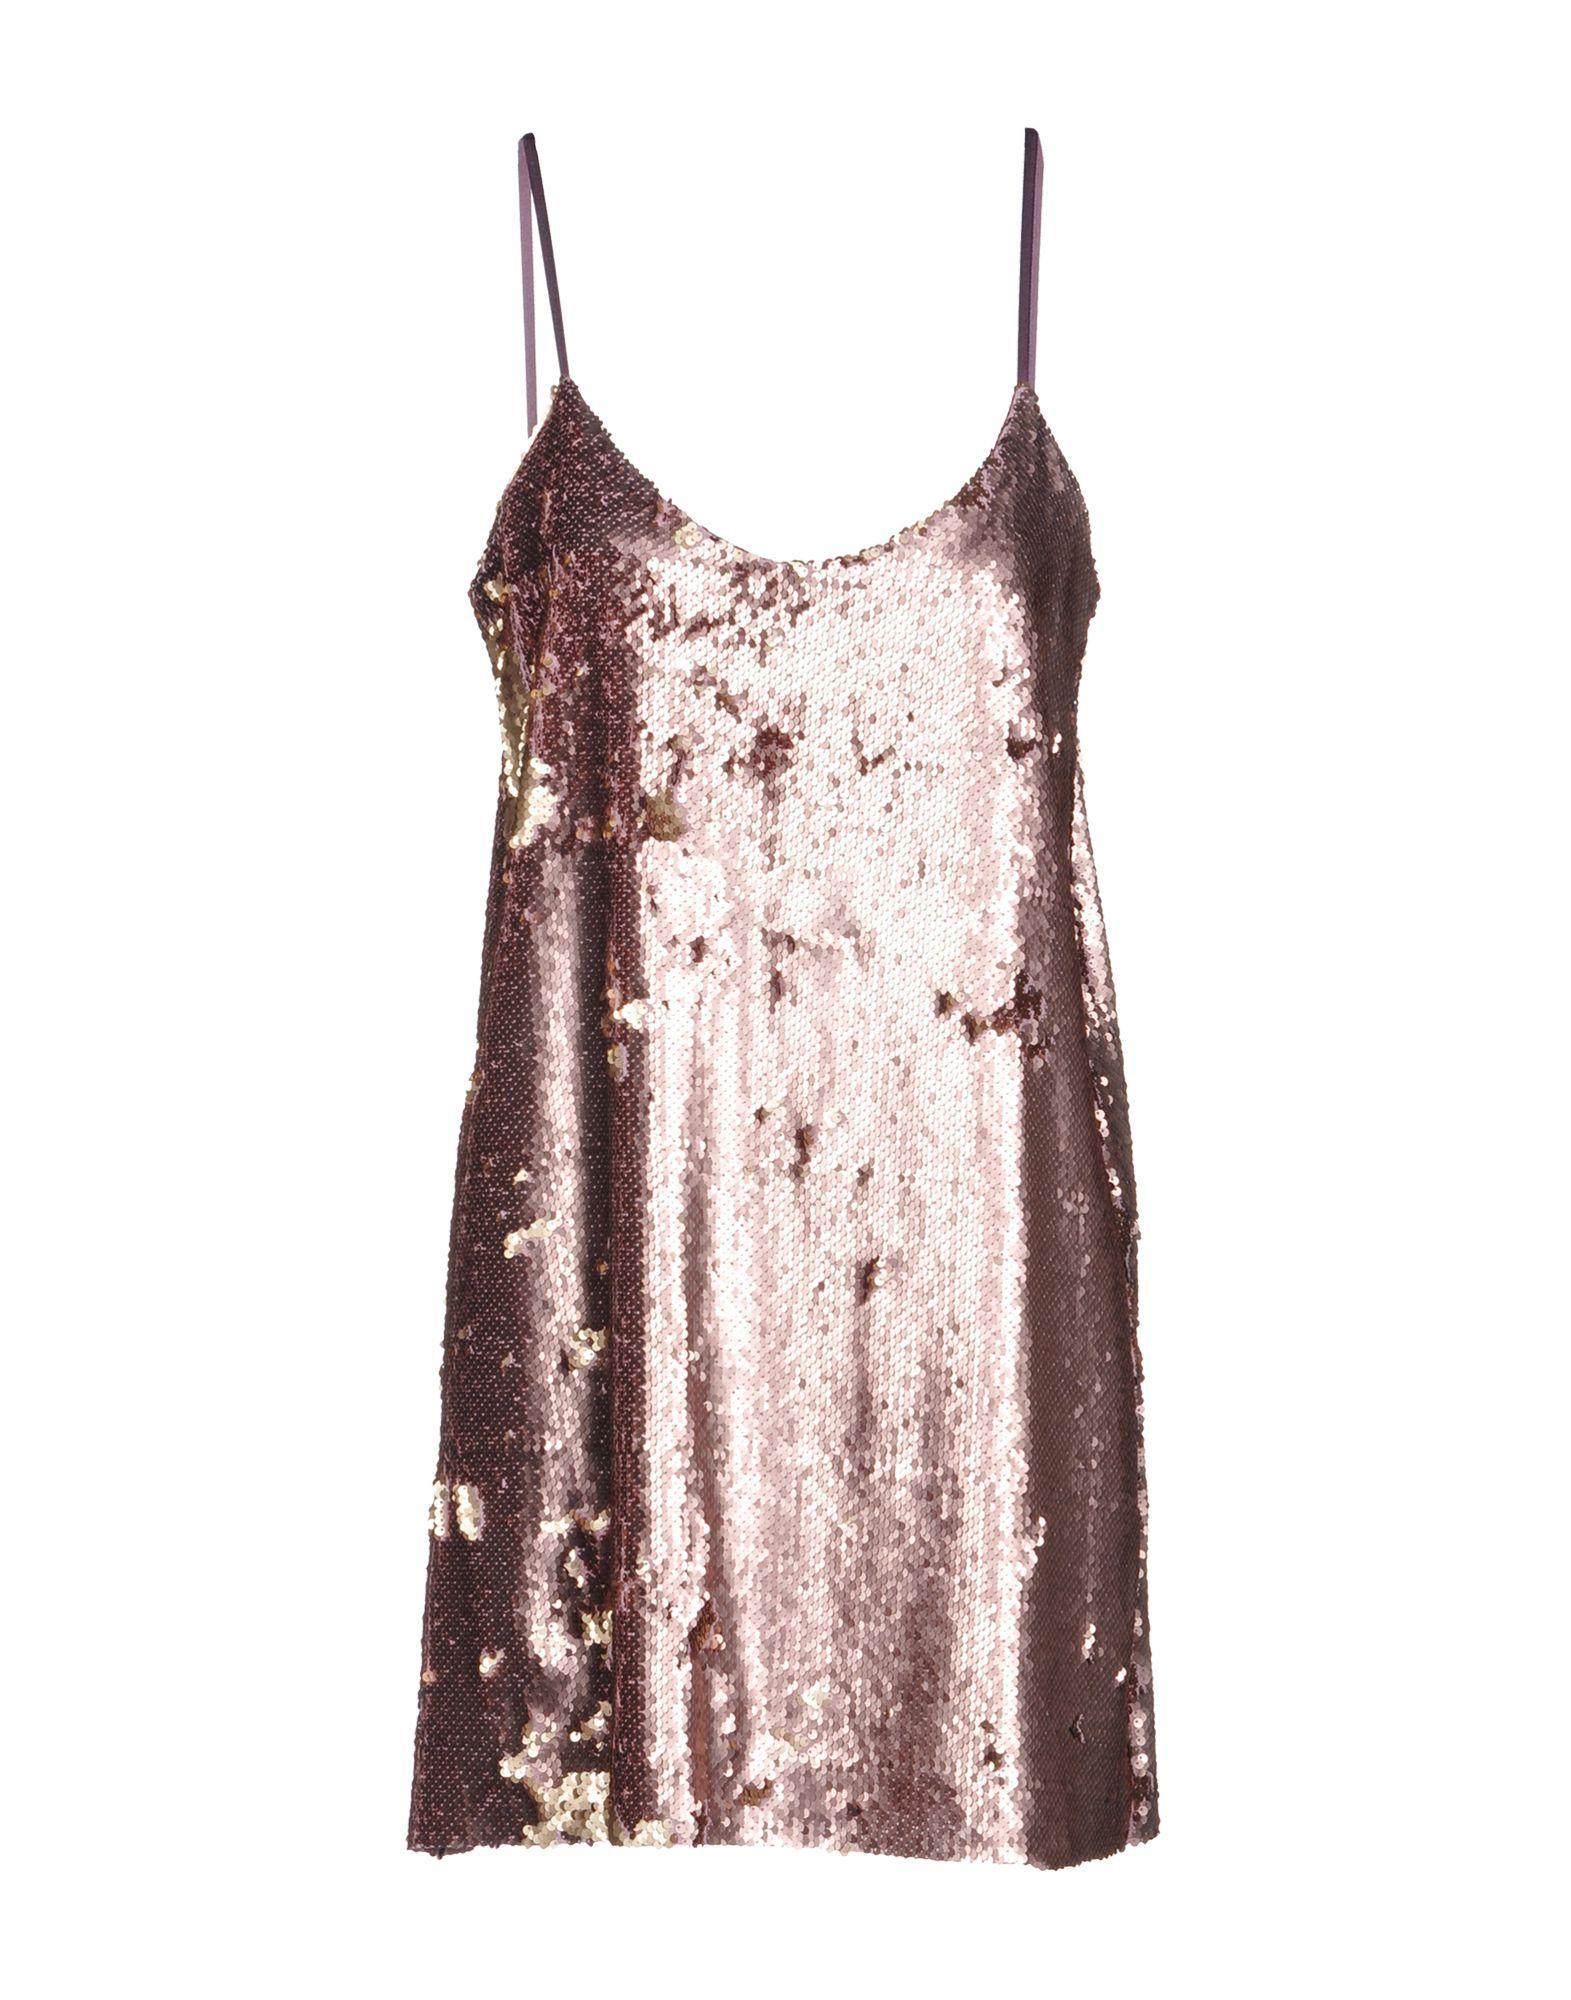 Kaos Pastel Pink Sequin Slip Dress